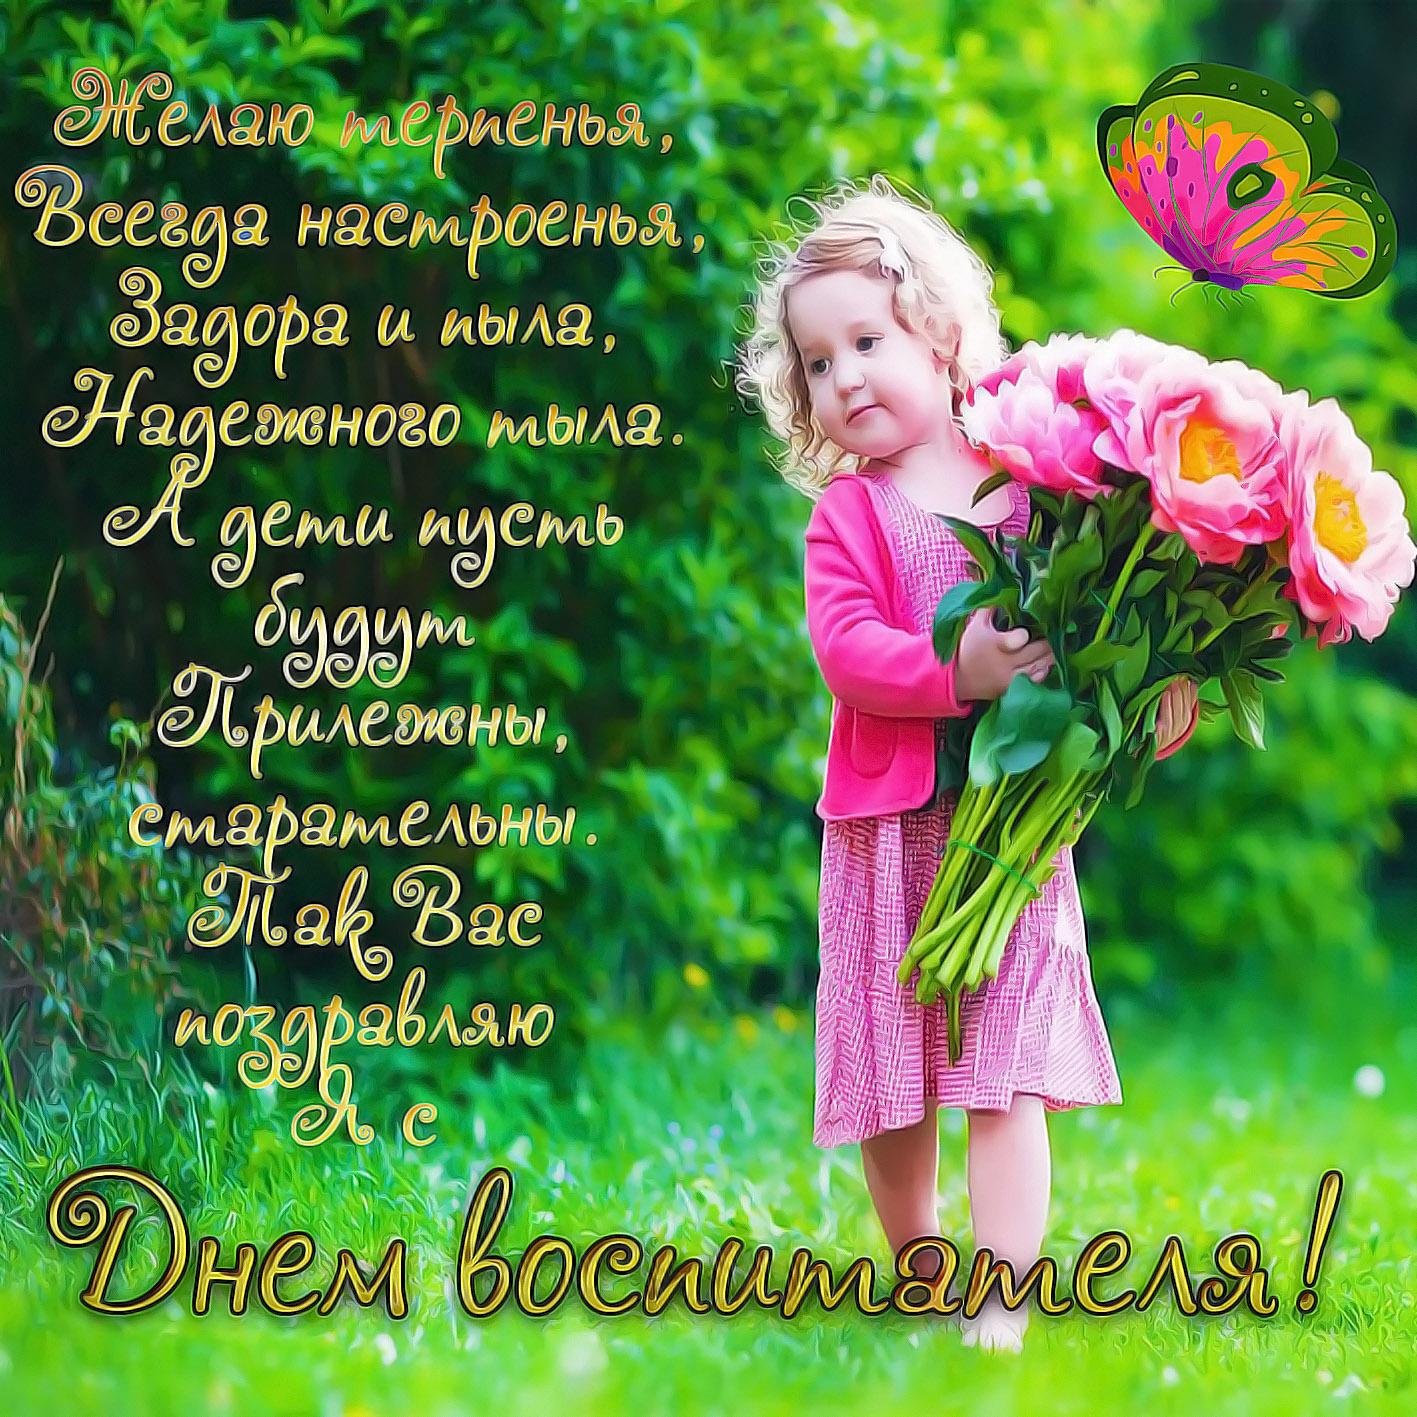 этим заболеванием поздравления с днем воспитателя красивые и трогательные детей внуков кружечке